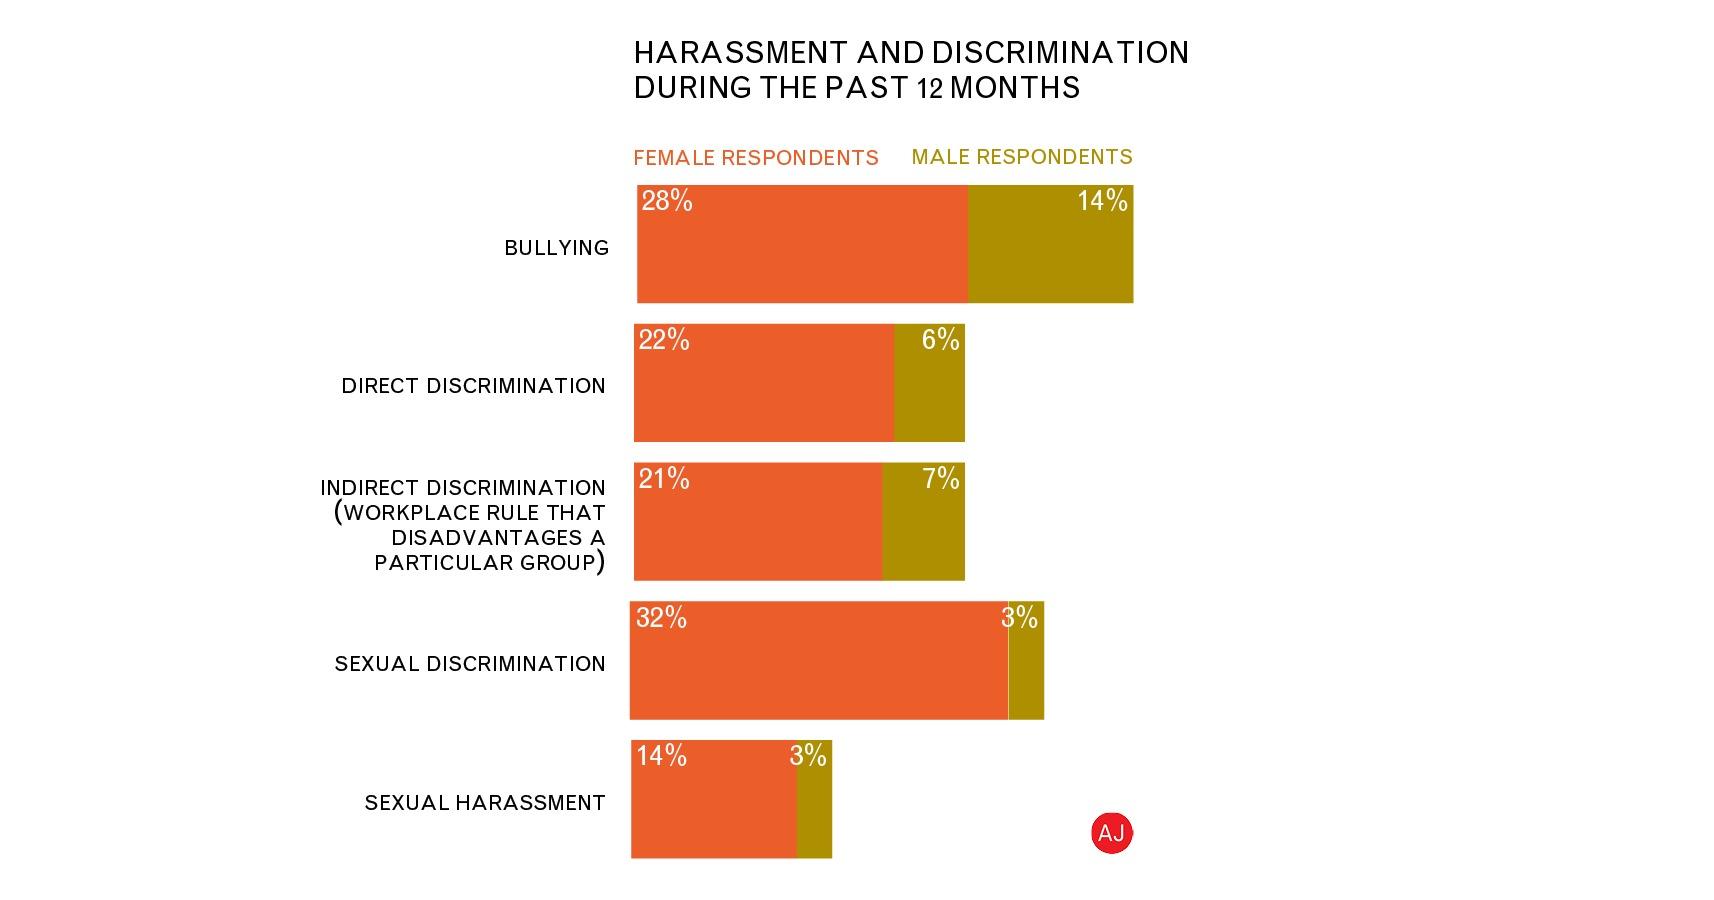 1 de cada 7 mujeres en arquitectura han lidiado con acoso sexual en los últimos 12 meses, según The Architects' Journal